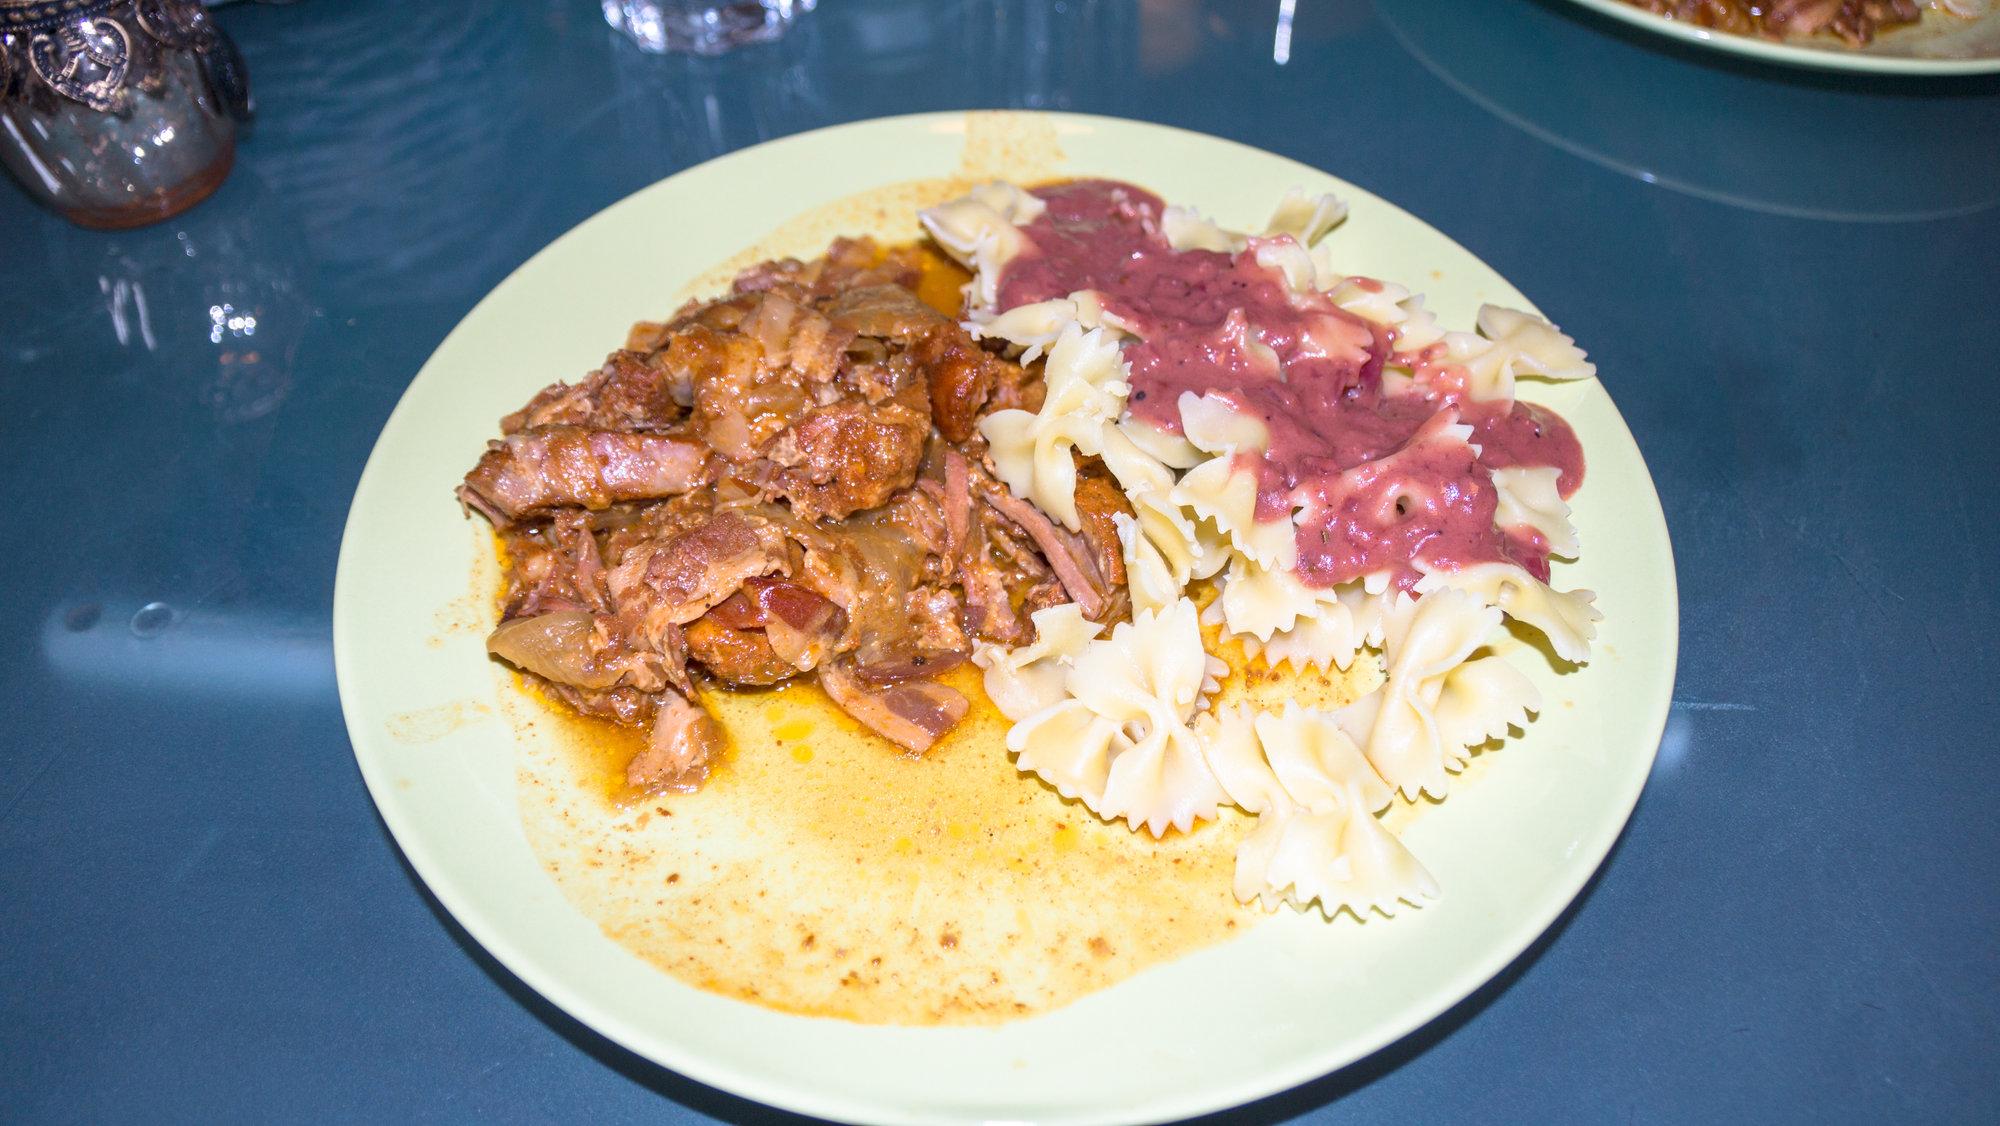 Bärenhunger-Schichtfleisch-Dopf-09358.jpg